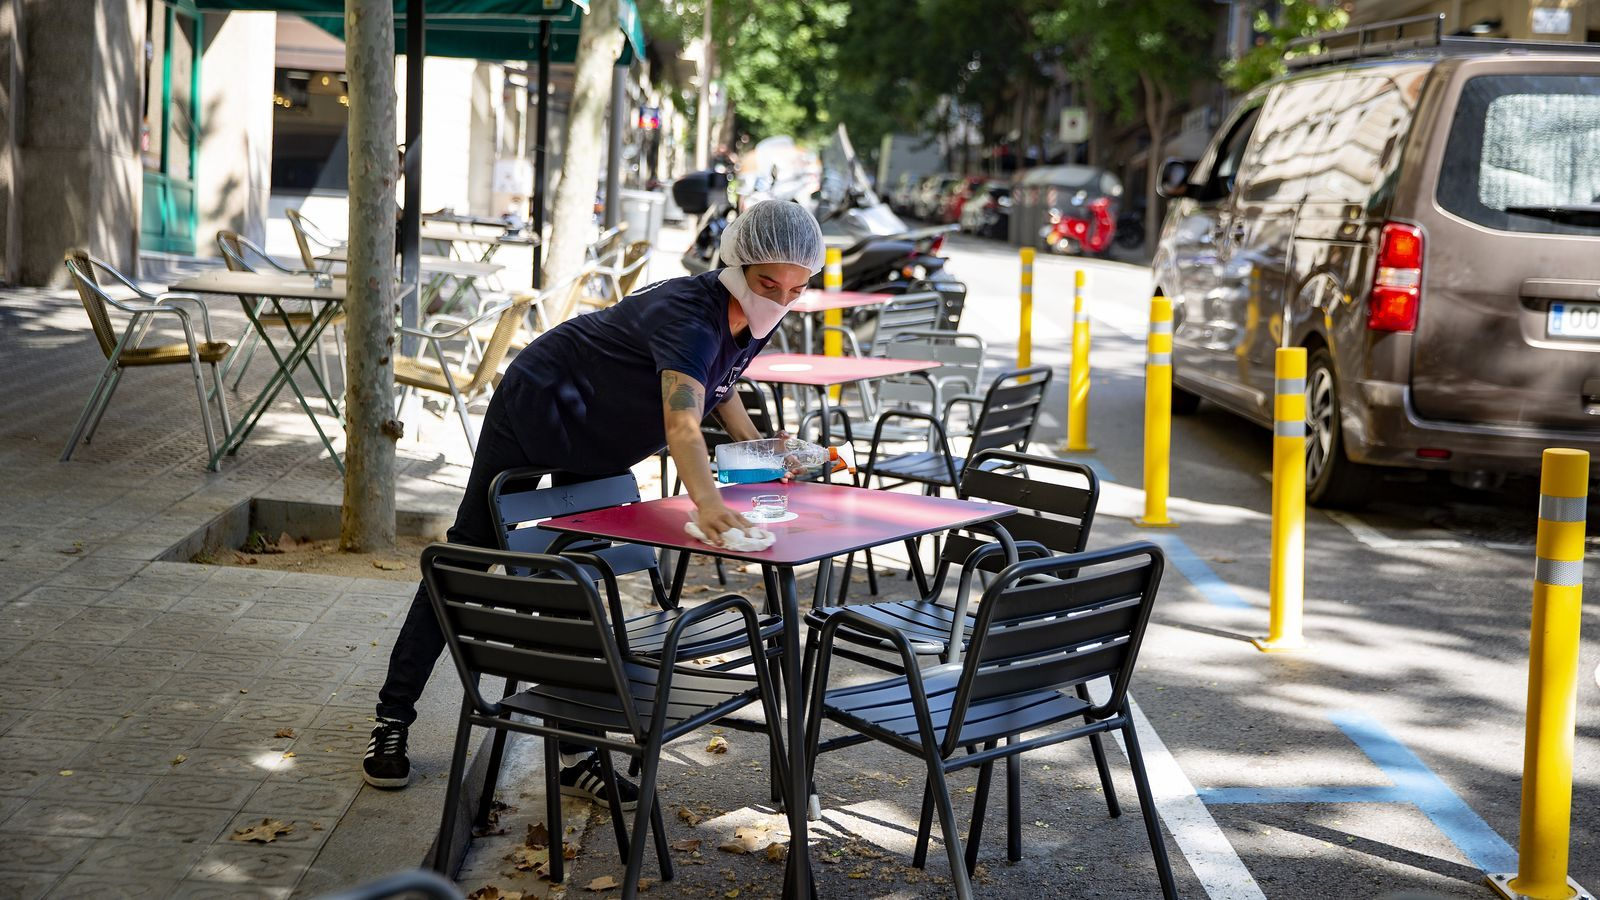 Els establiments com bars o restaurants són dels que més estant patint els efectes de les mesures de restricció